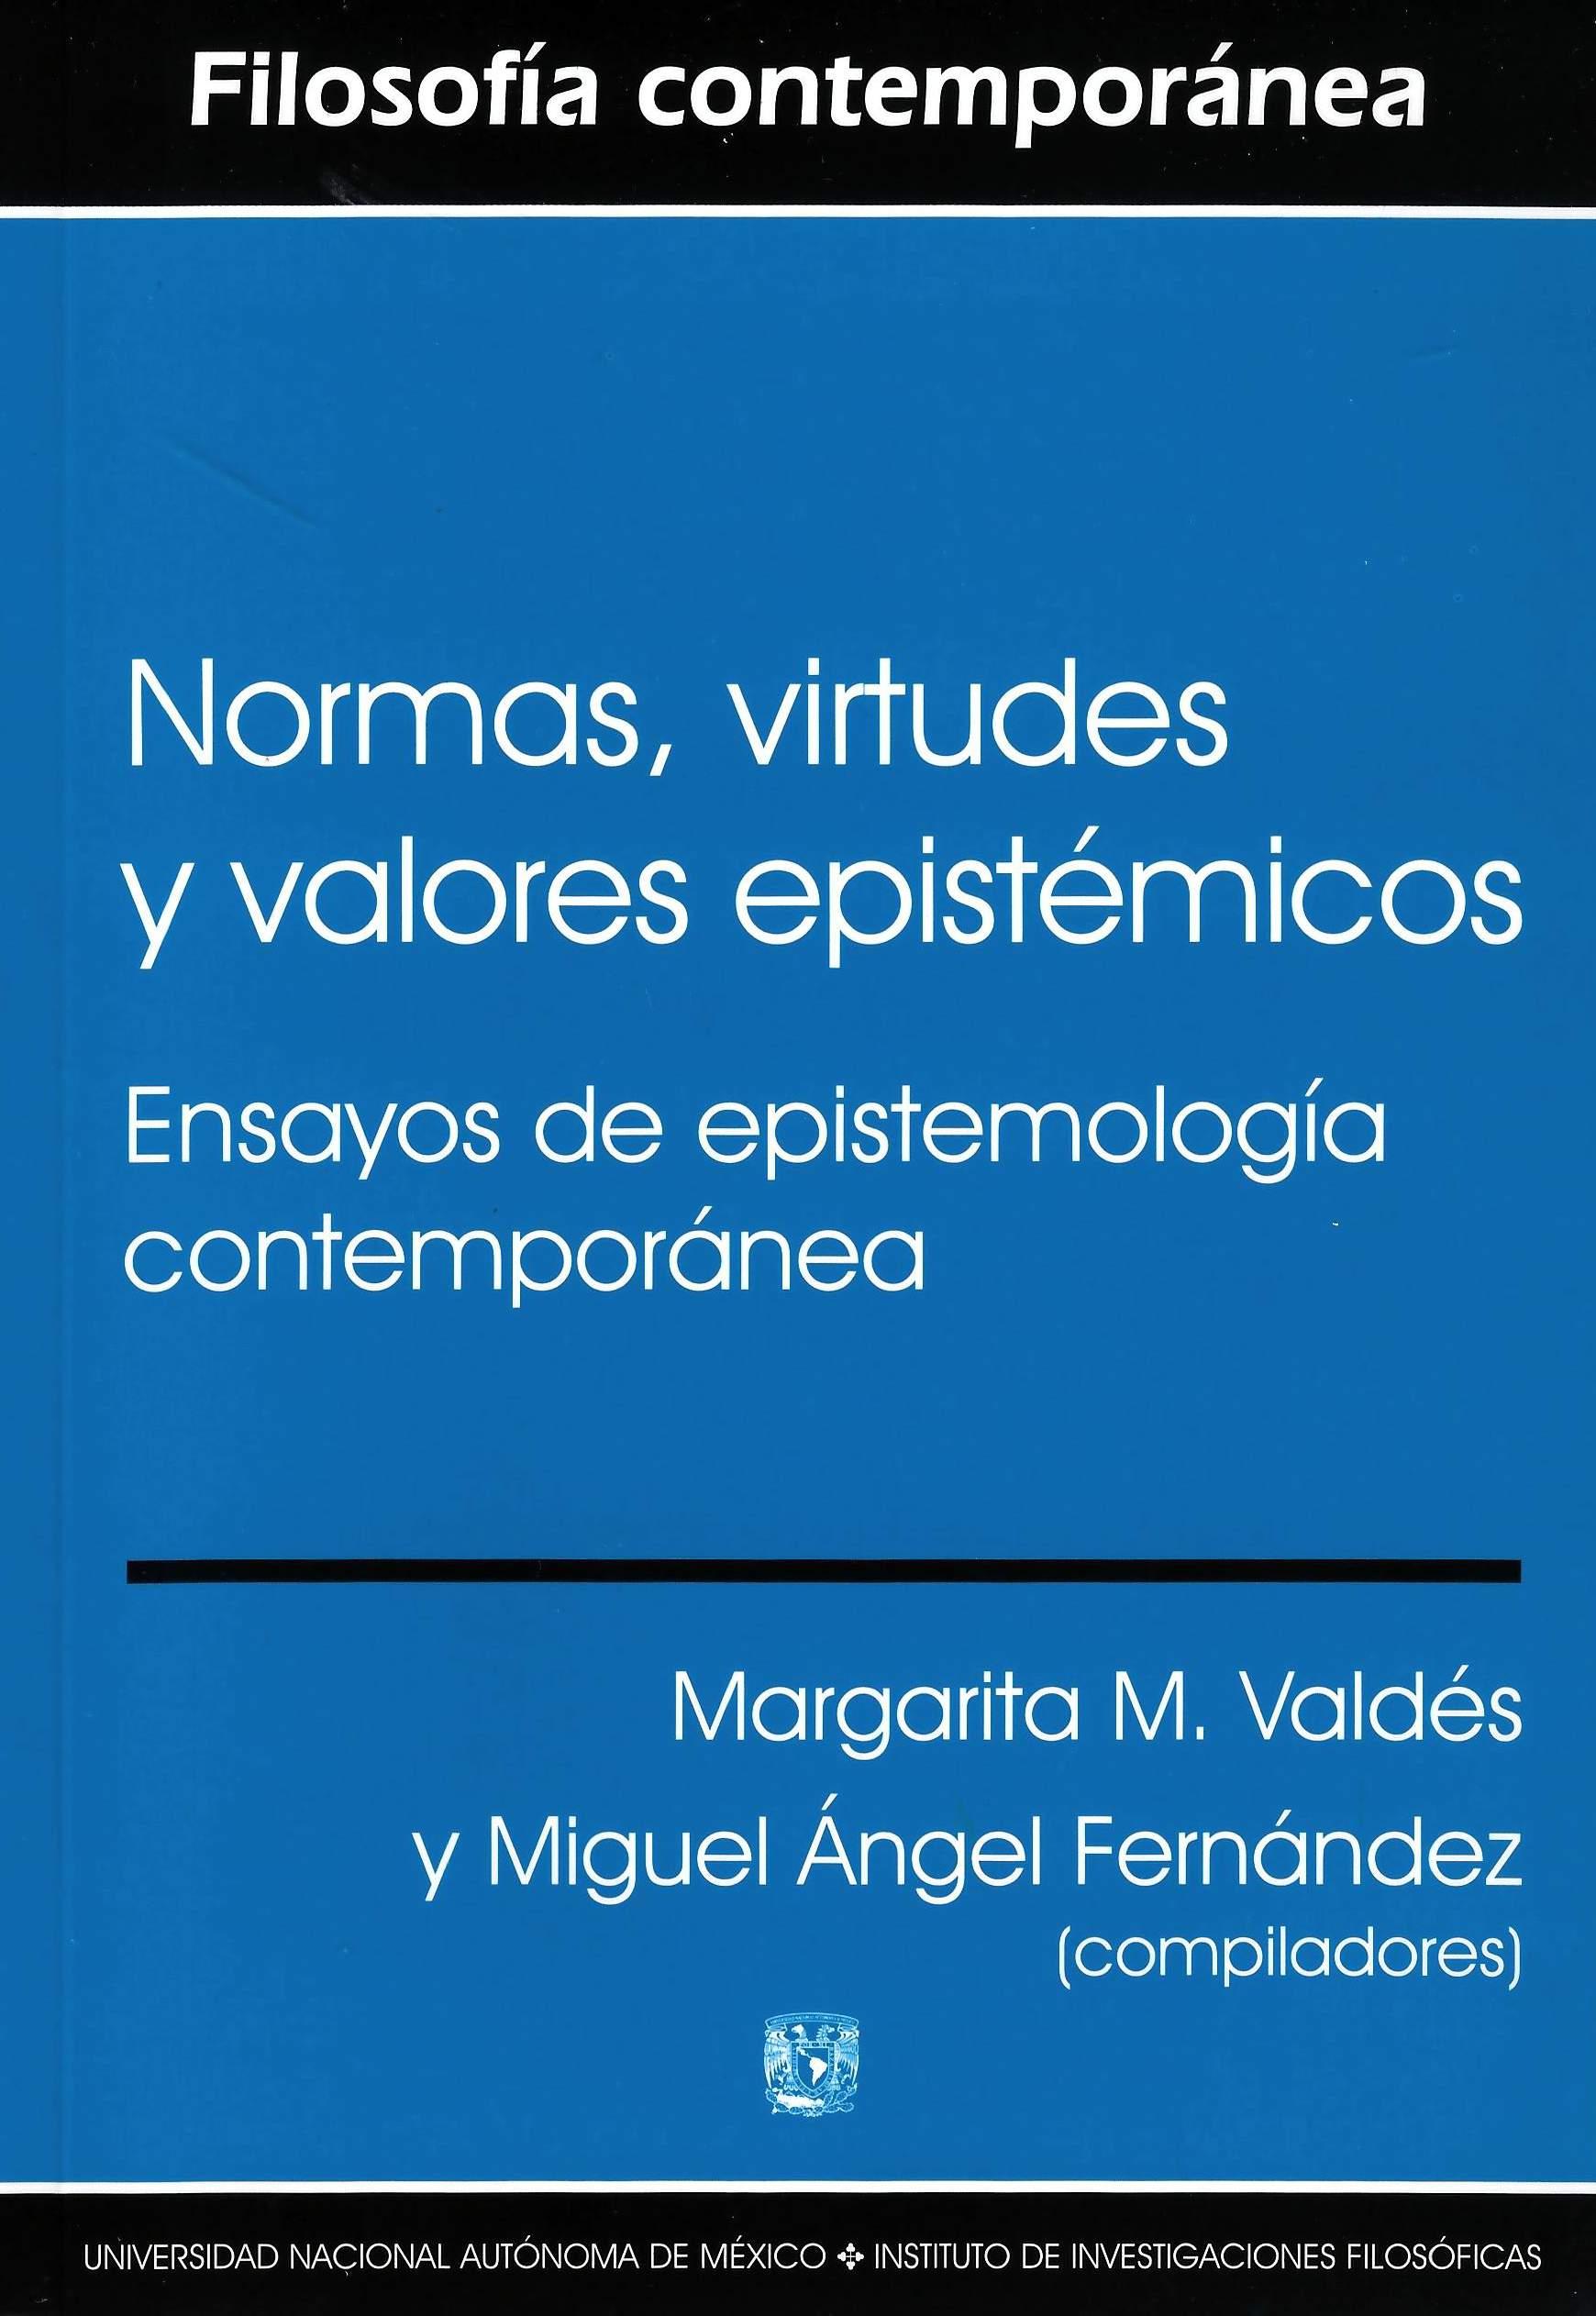 Normas, virtudes y valores epistémicos: ensayos de epitemología contemporánea